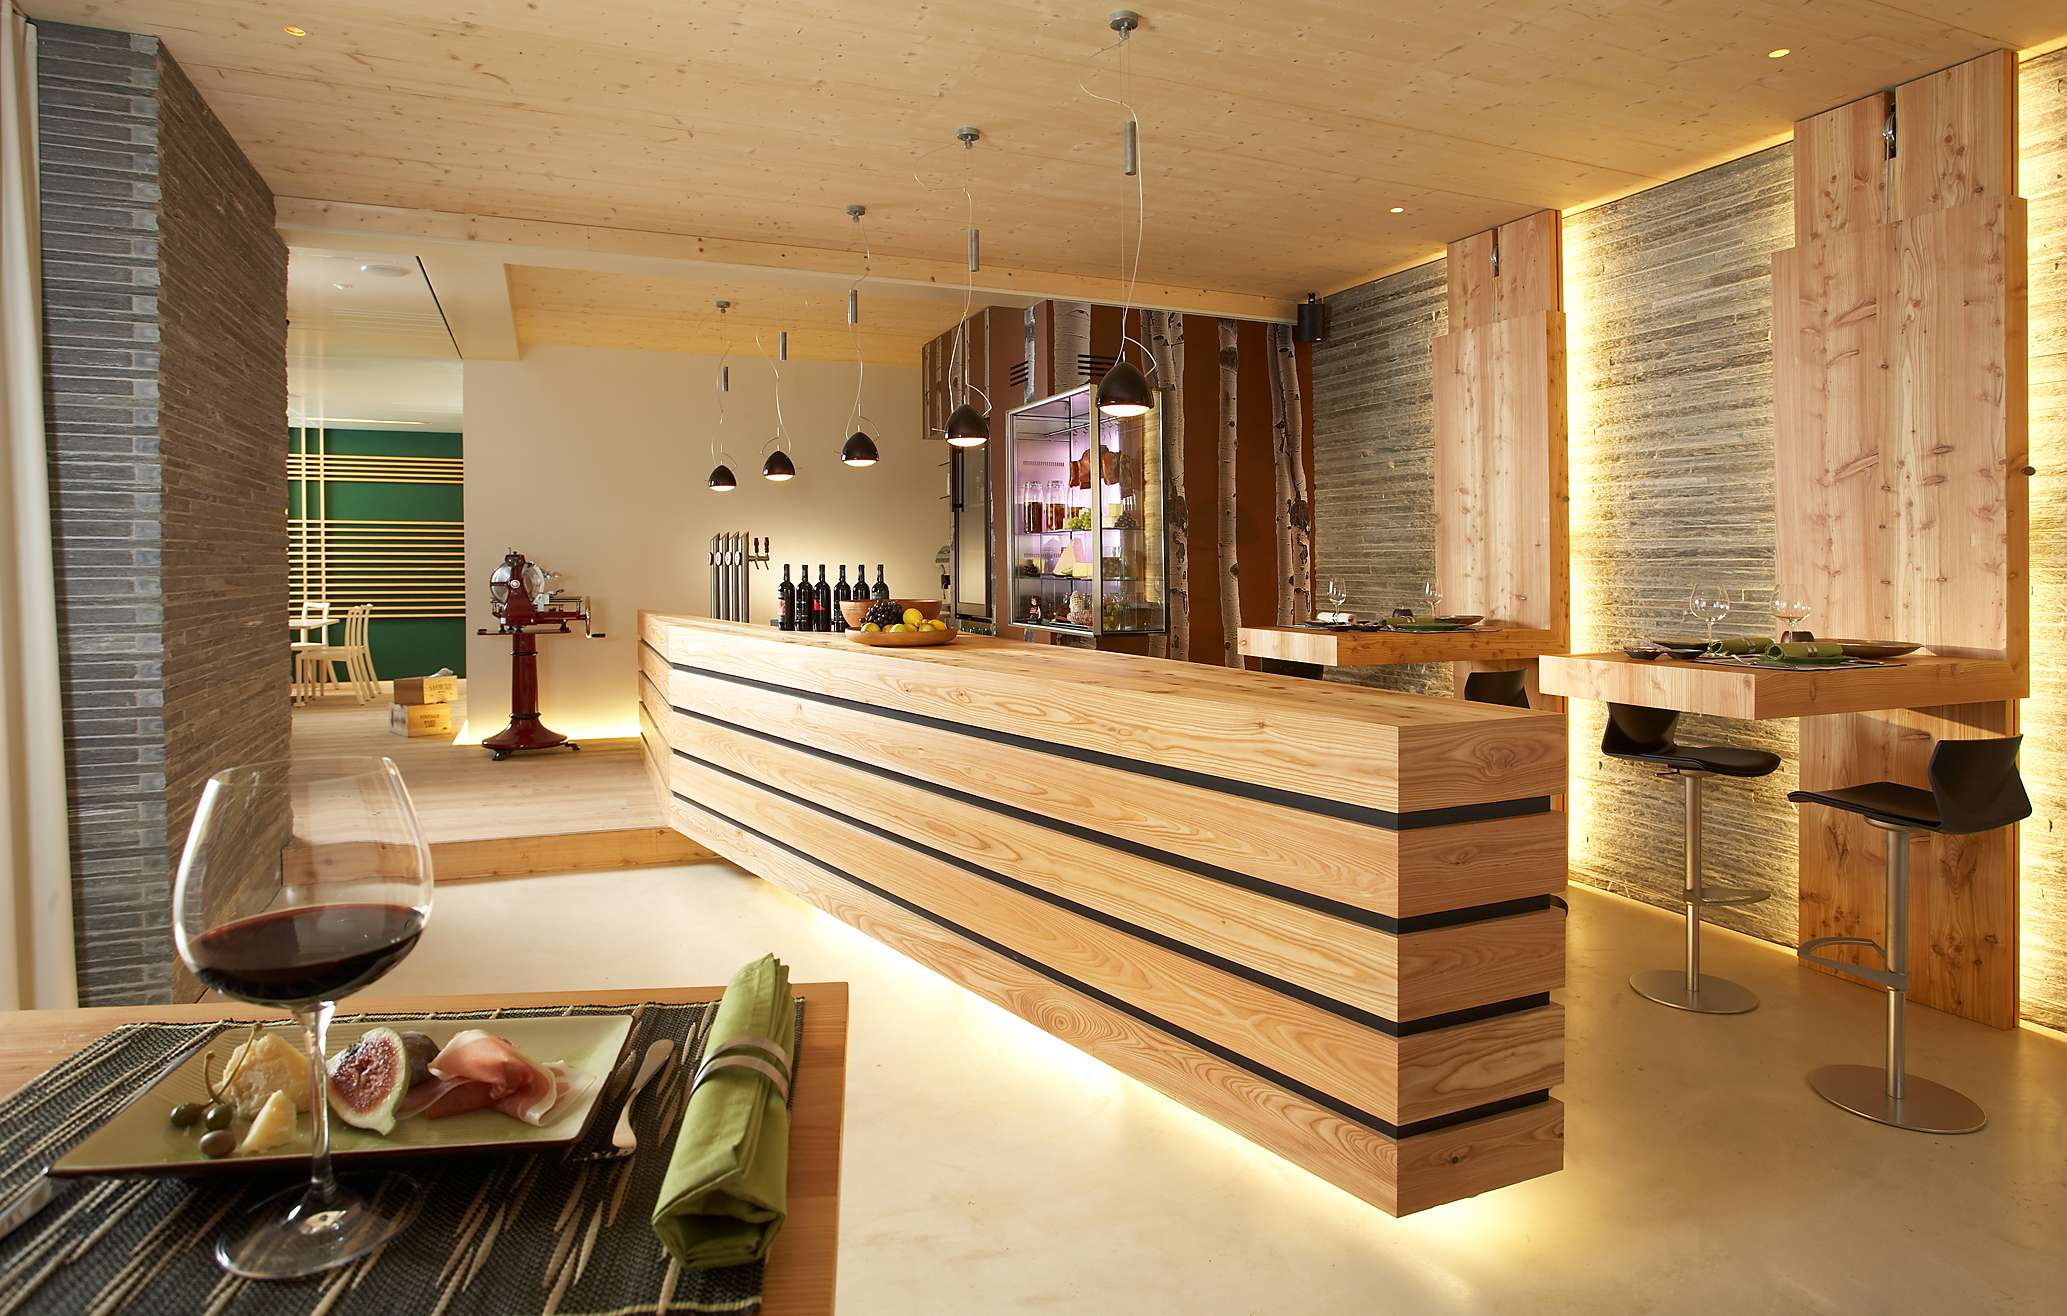 2009016spitzbart 026375. Black Bedroom Furniture Sets. Home Design Ideas